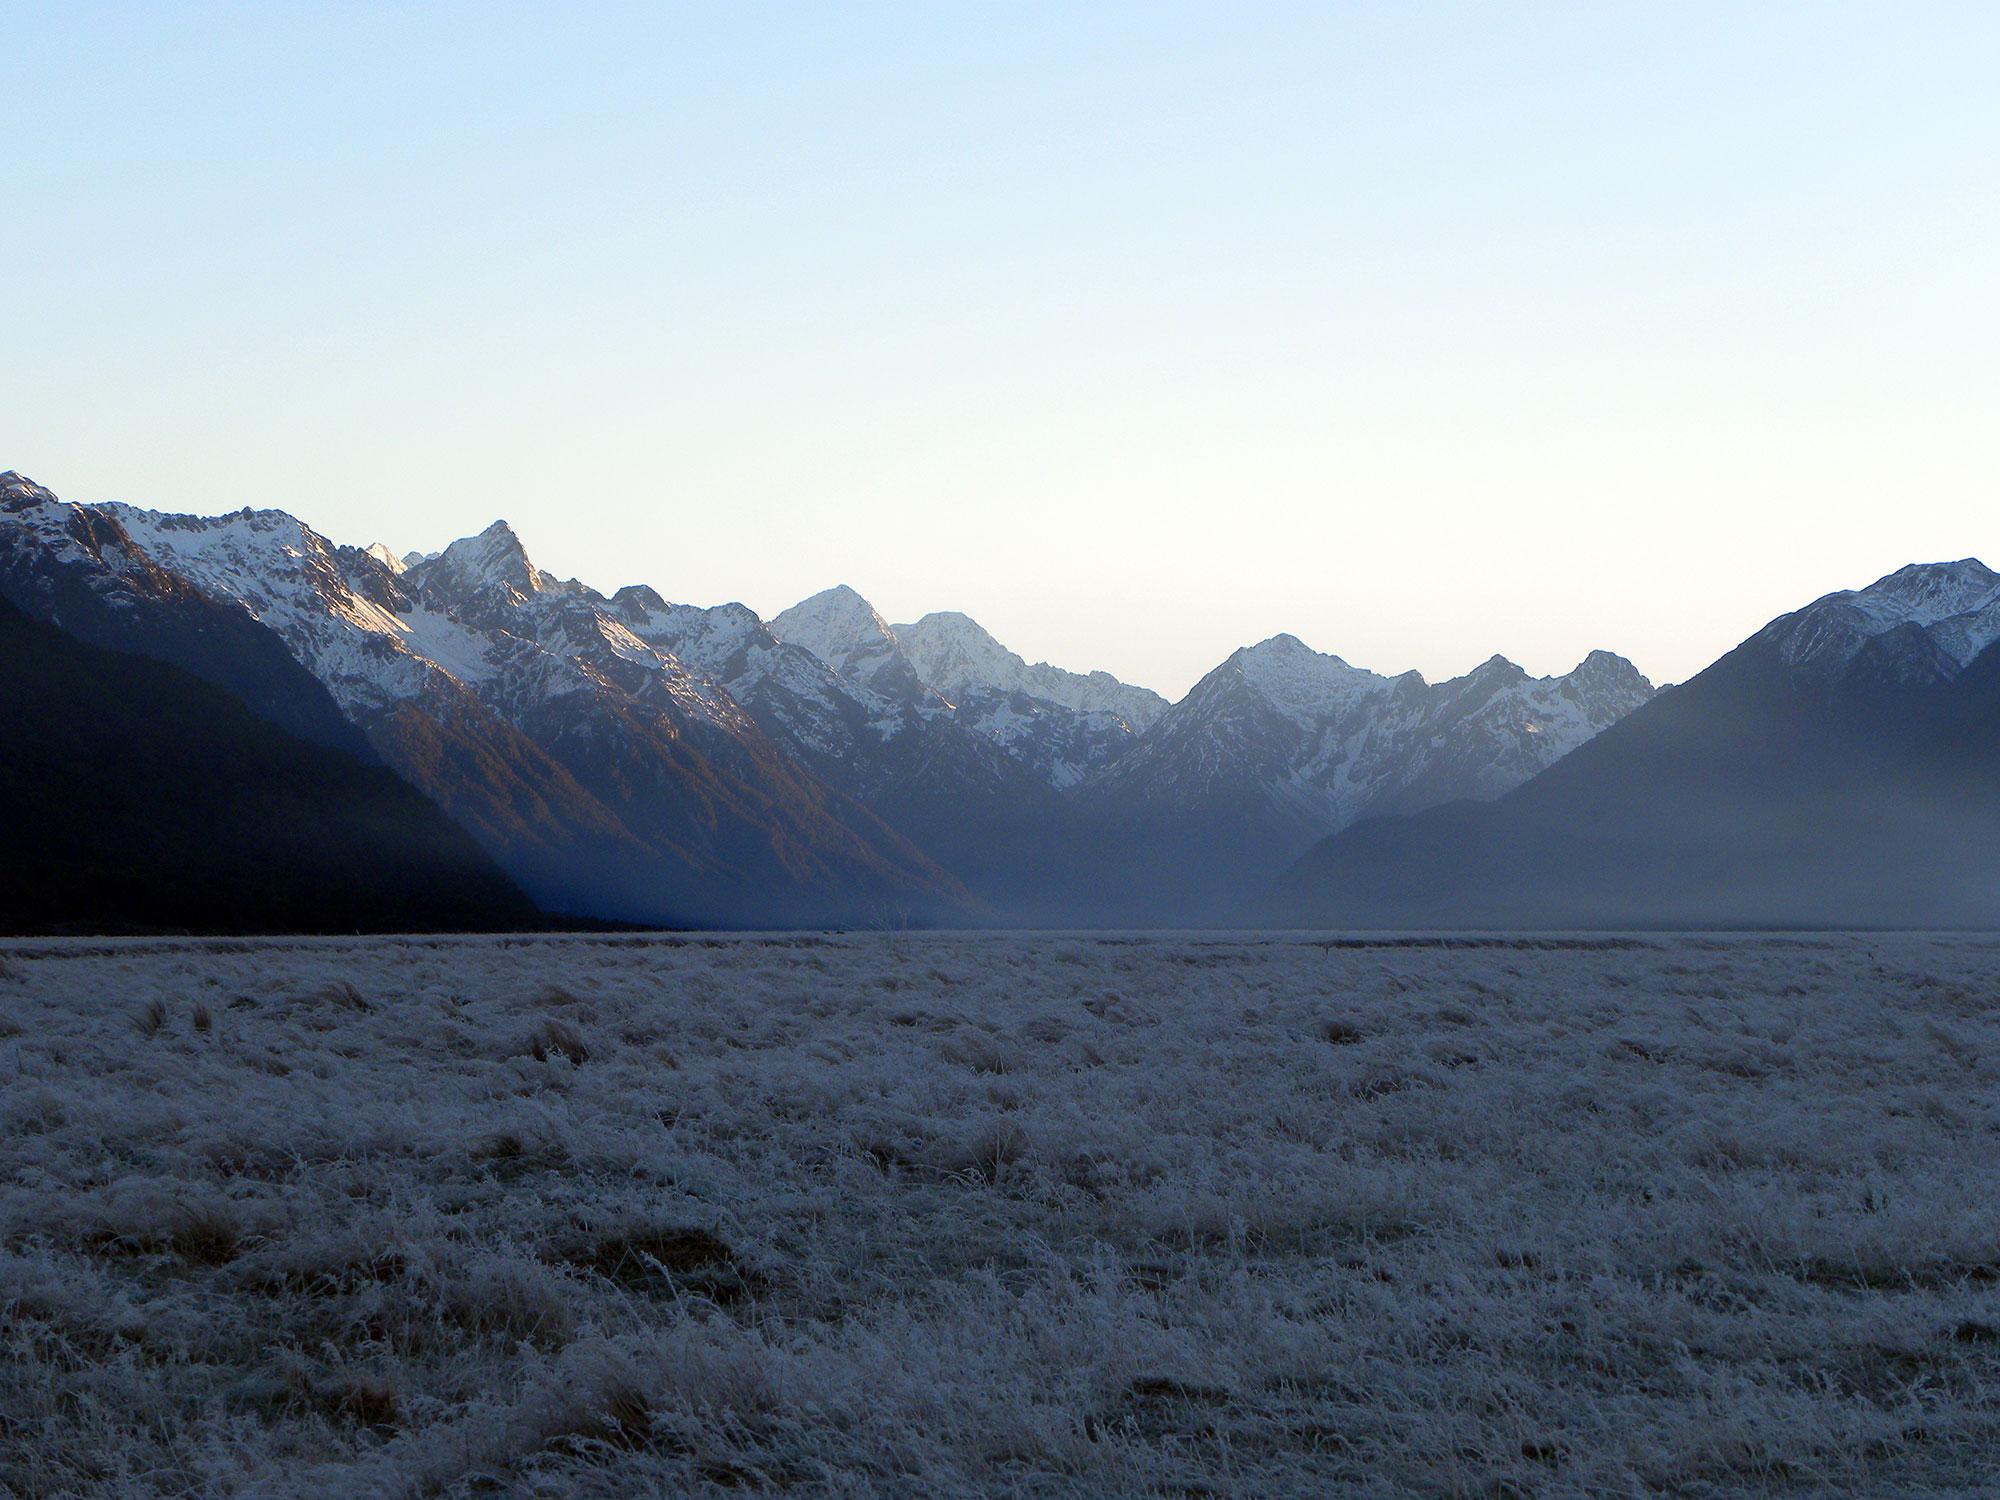 Fjordland National Park, New Zealand